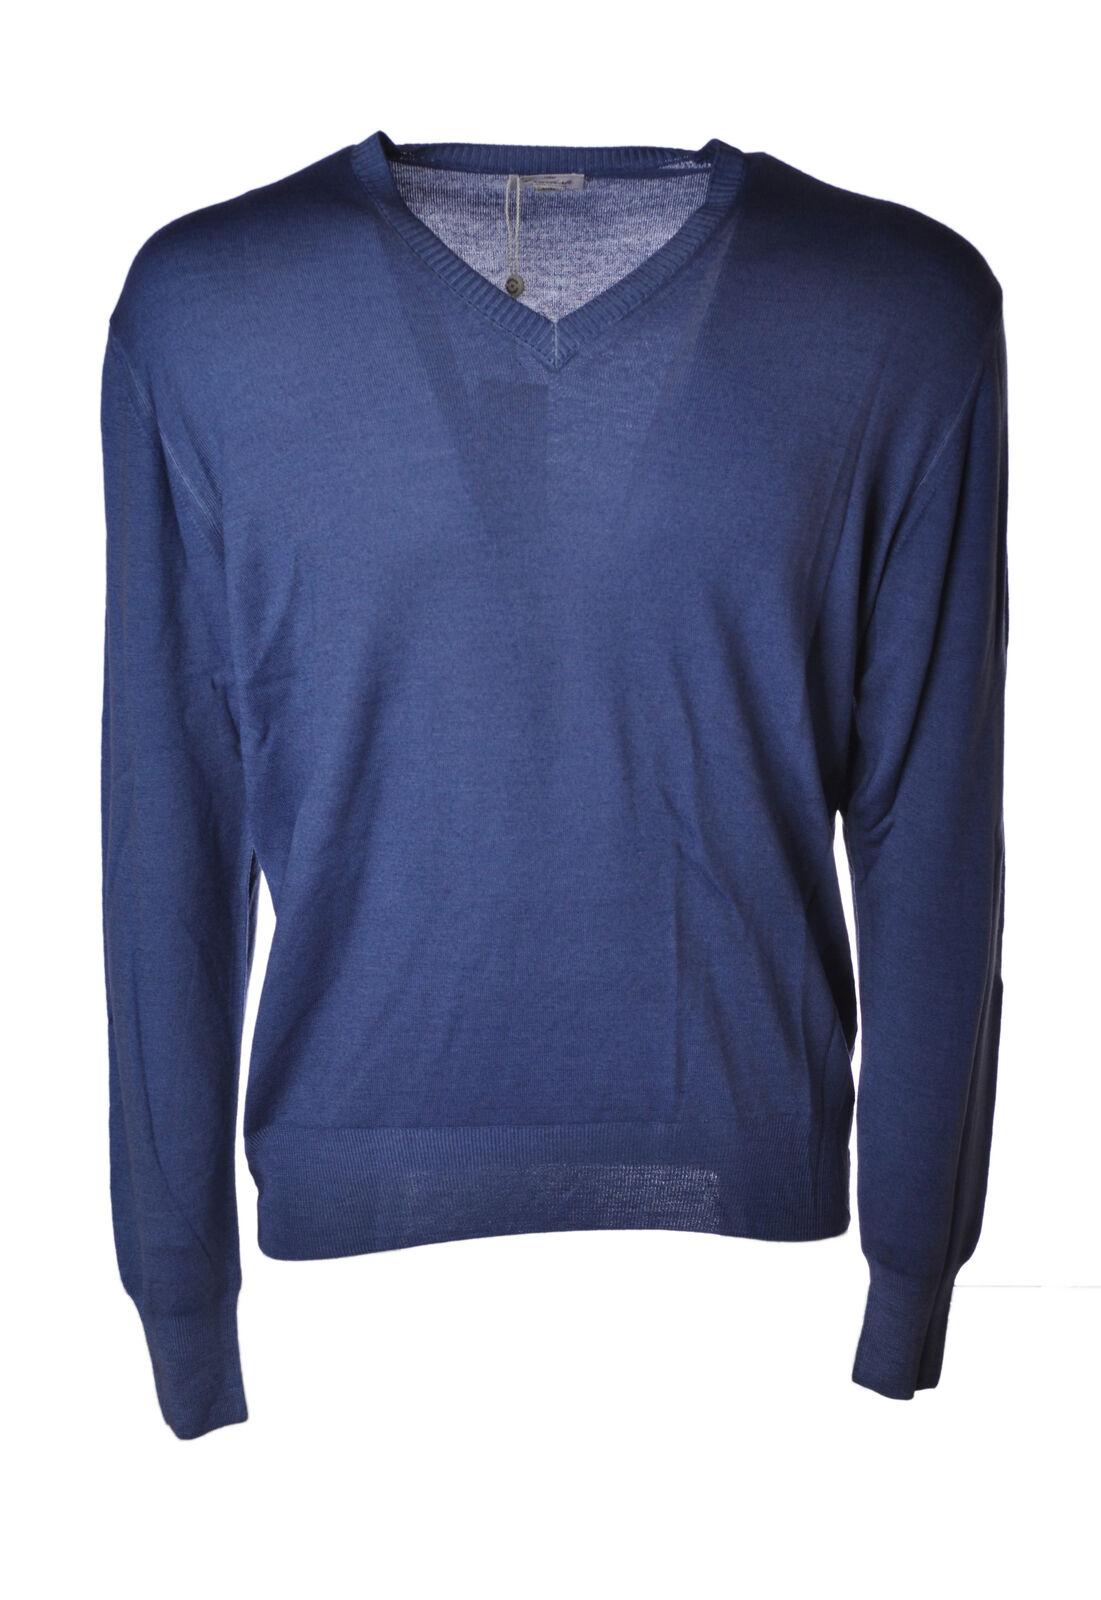 Viadeste - Knitwear-chandails - Man - bleu - 4677511D192521